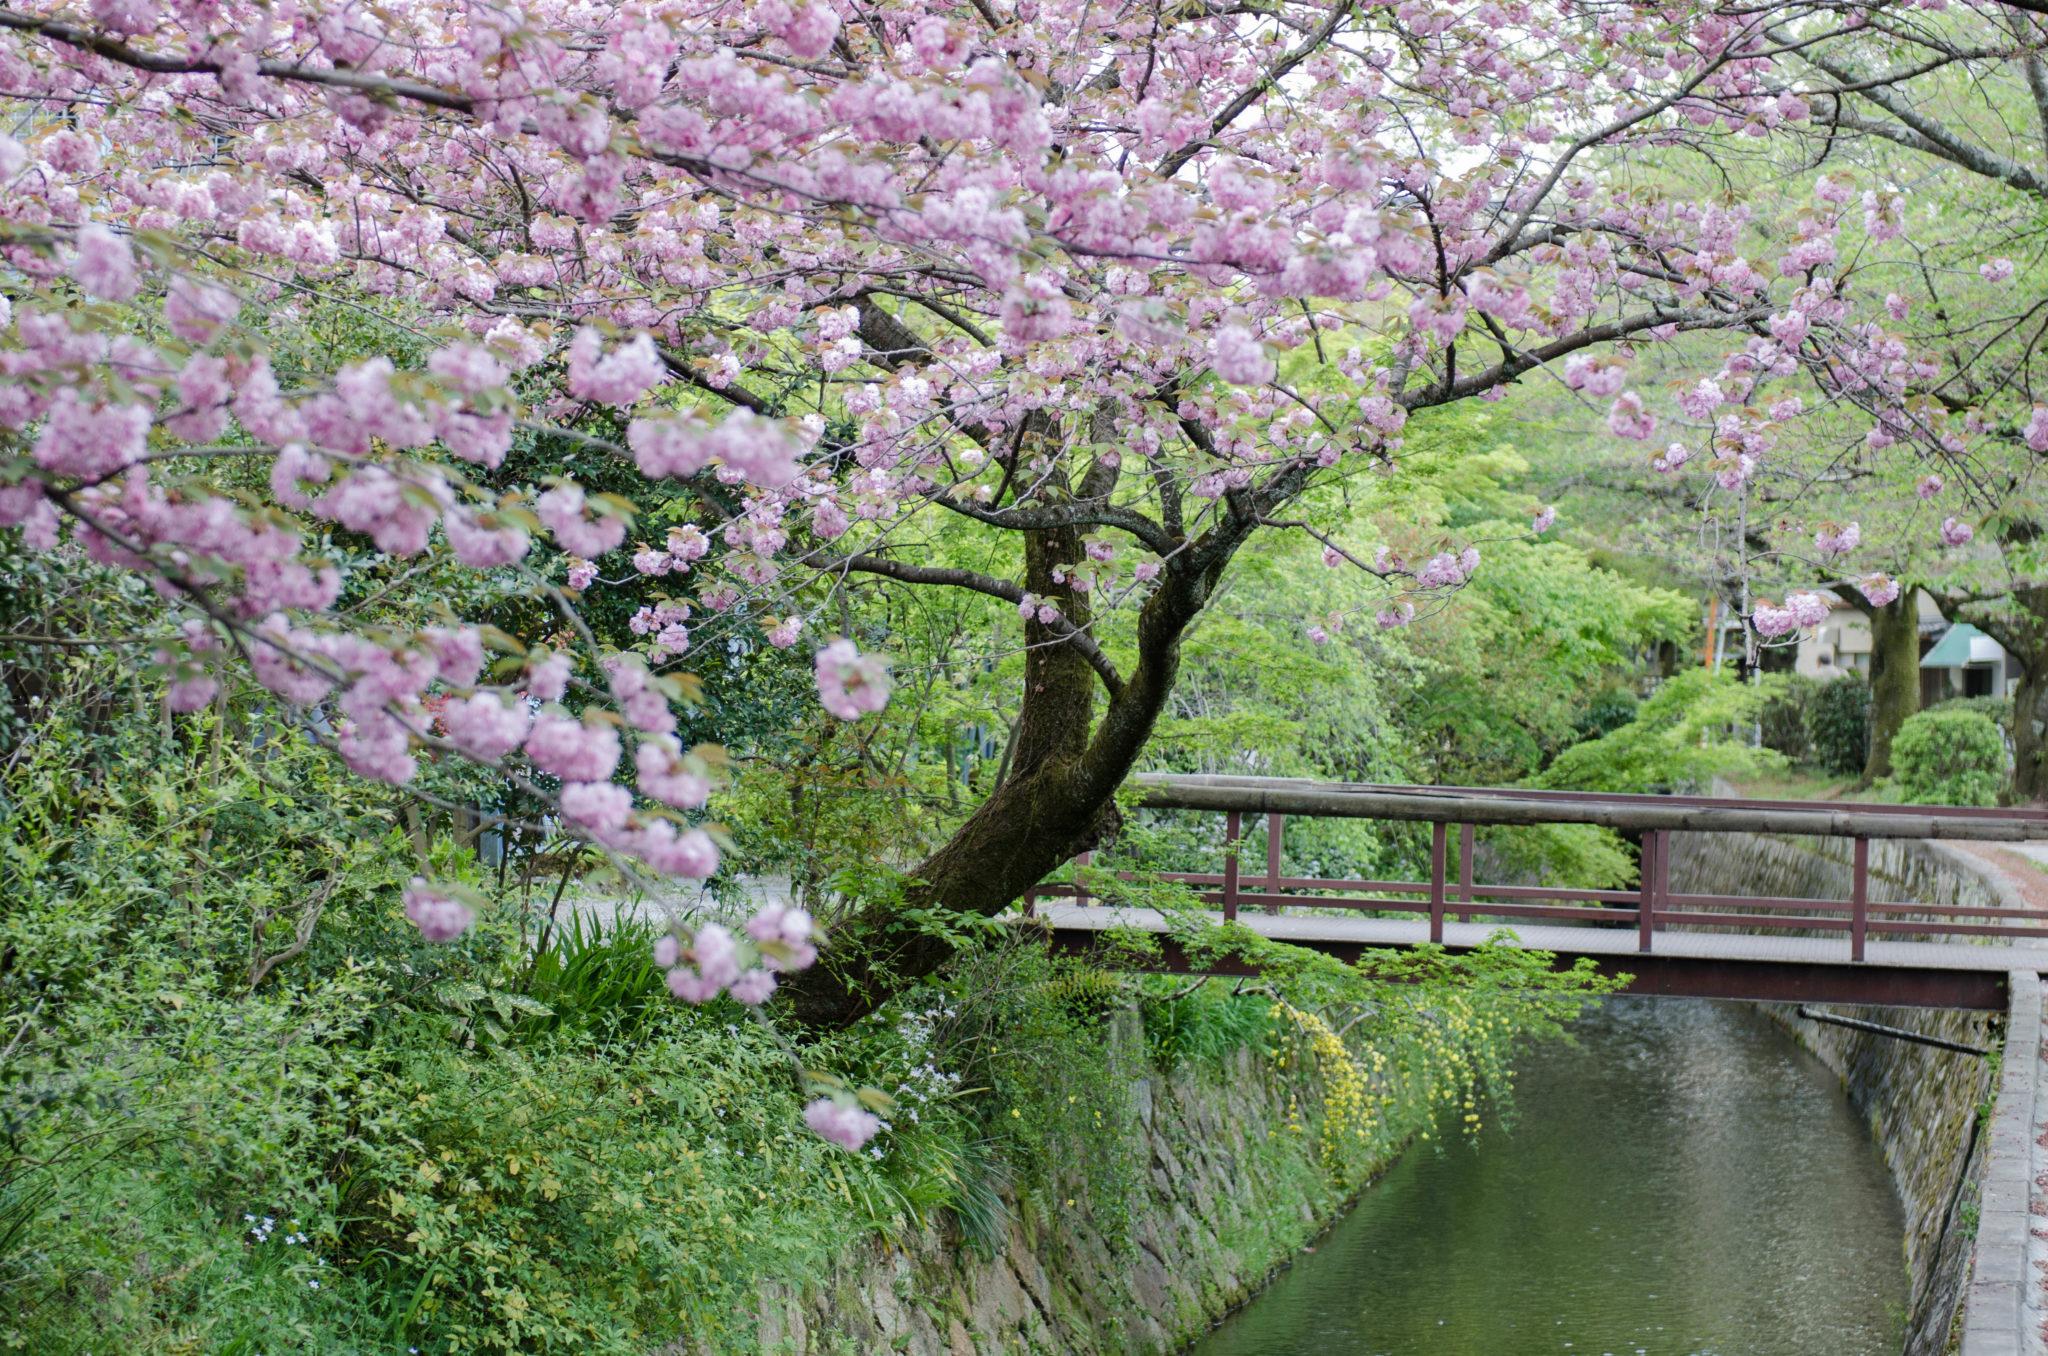 Die Kirschblüte in Japan ist eine ganz besondere Zeit.